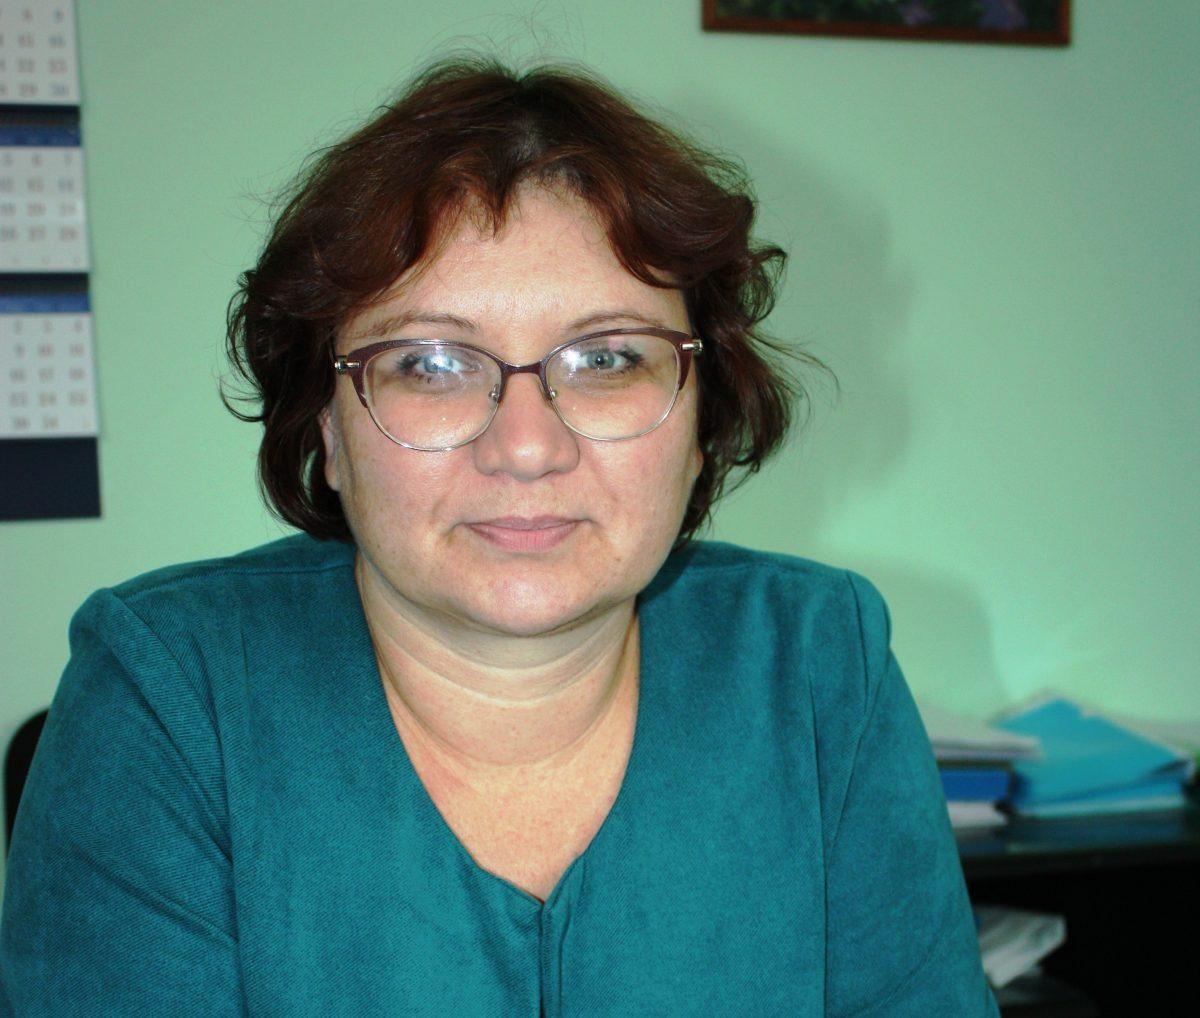 Ольга Булгакова: Для новой системы школьного питания потребуются новые повара